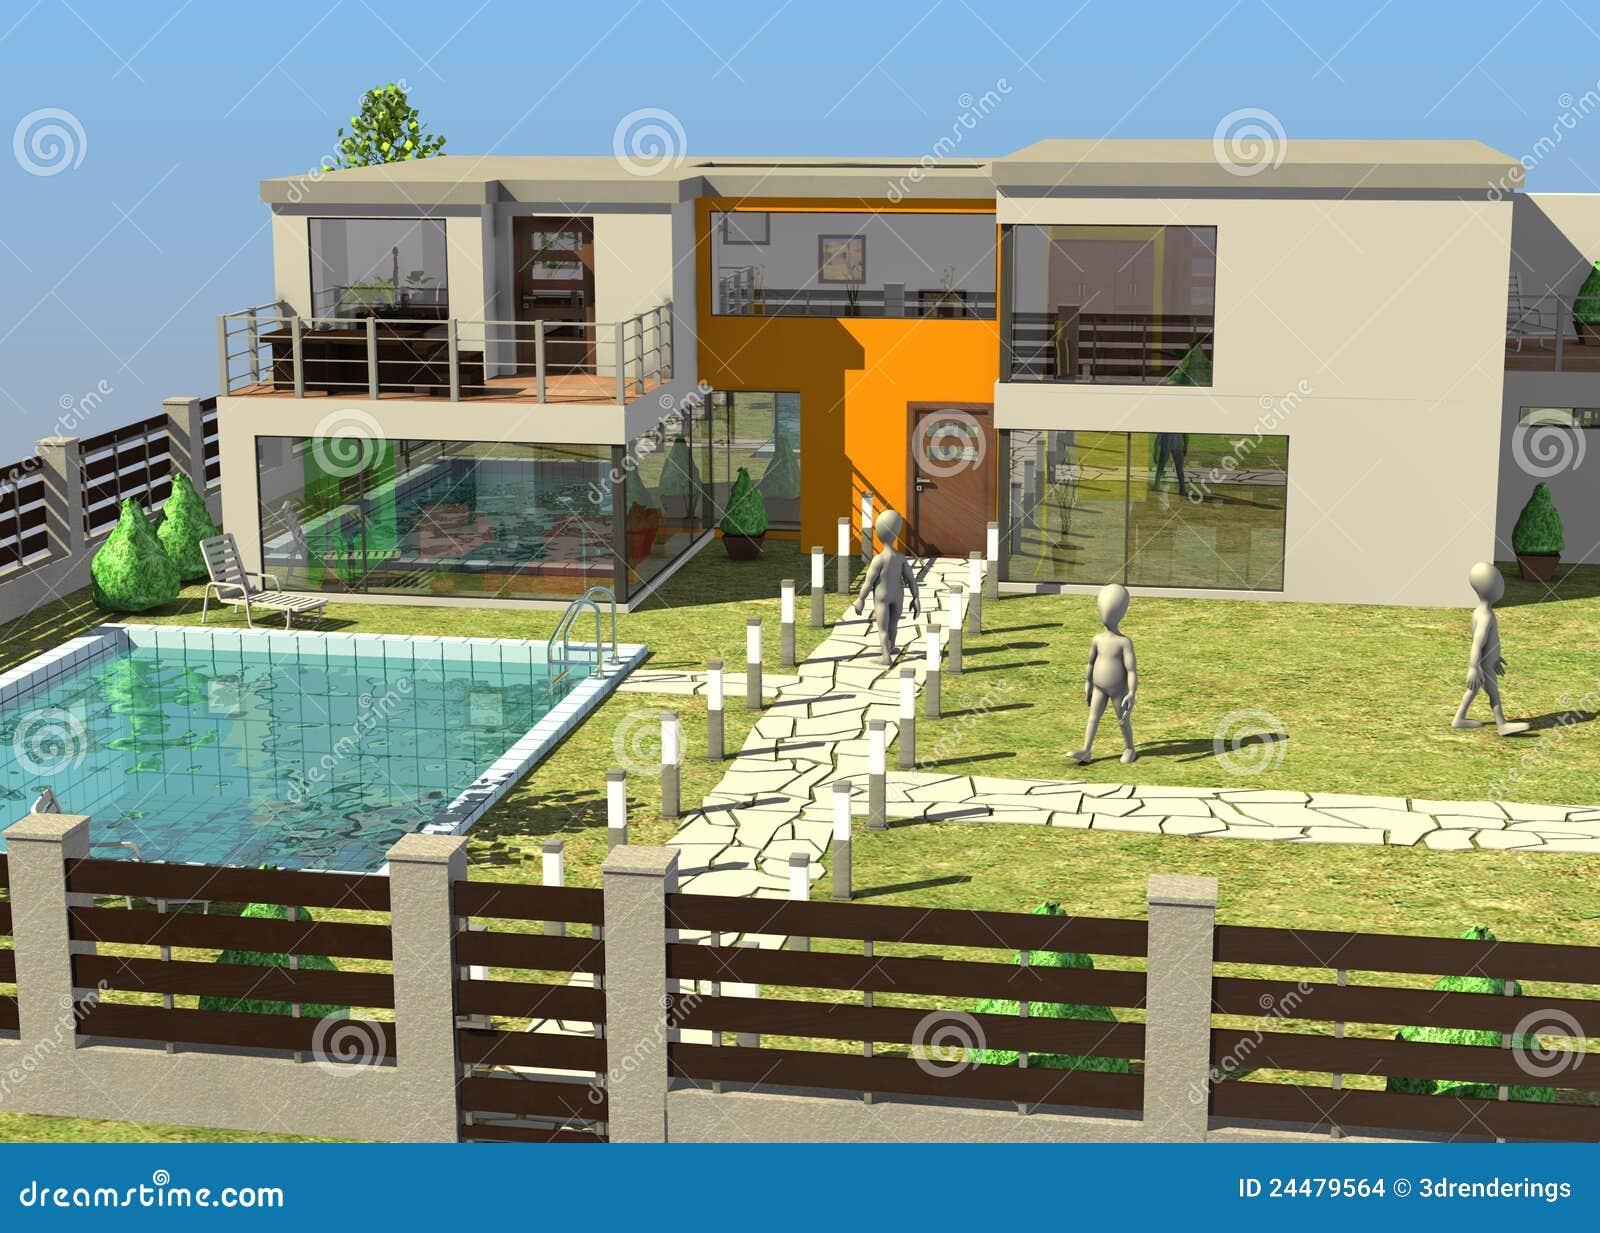 Personnages de dessin anim devant maison moderne illustration stock illustration du m le - Dessin de maison moderne ...